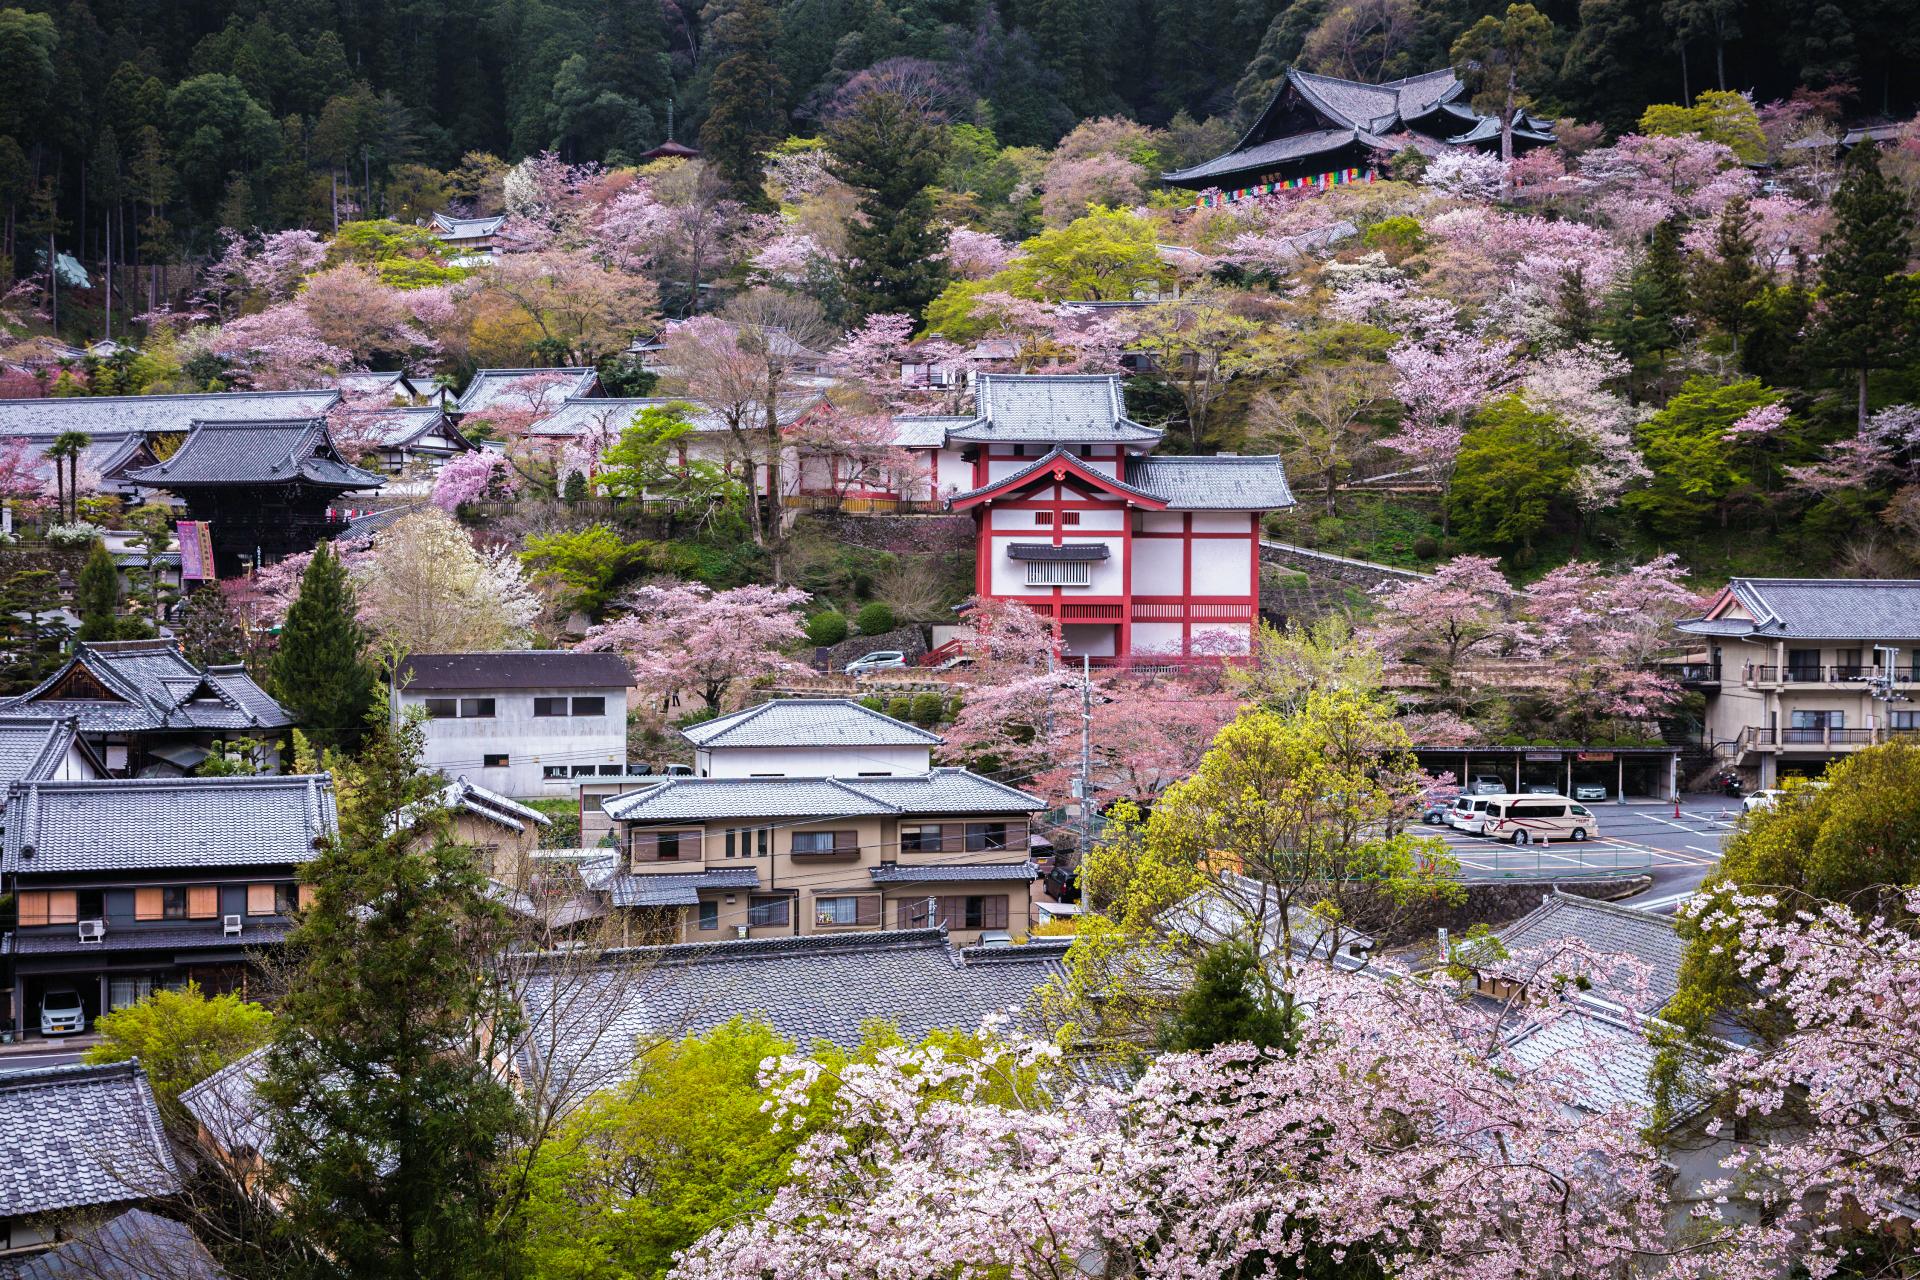 4014275_m 奈良県  長谷寺(境内に約1000本もの桜が咲き誇る春におすすめ桜スポット! 写真の紹介、アクセス情報や駐車場情報など)